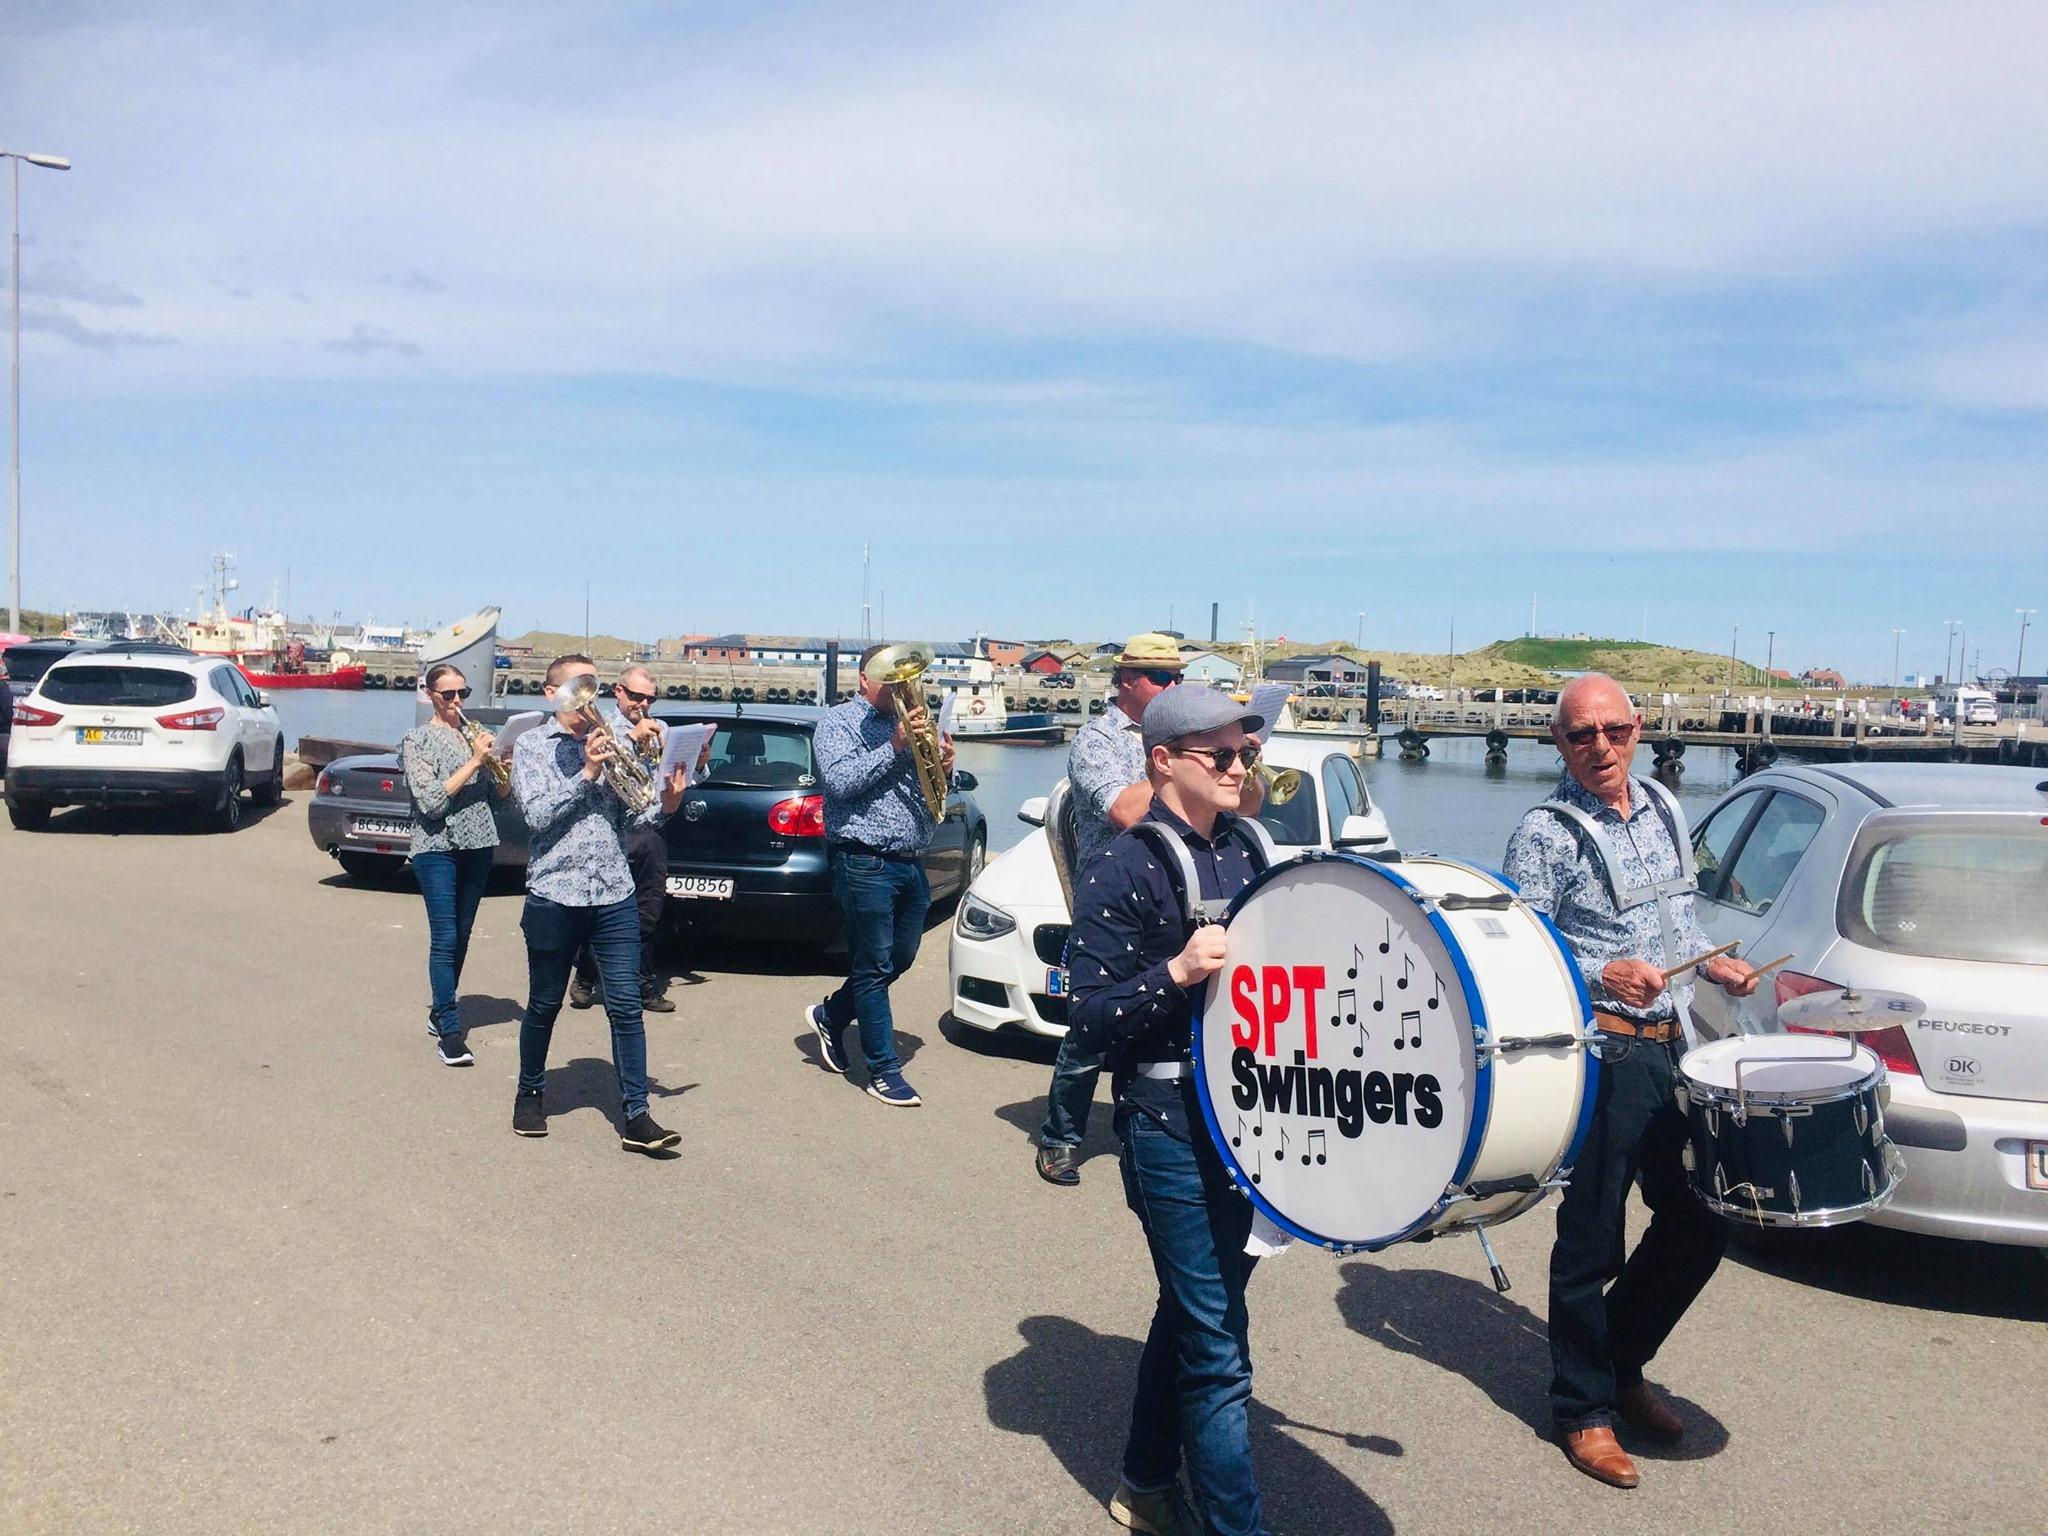 Musik i bevægelse v. SPT Swinger i Hvide Sande - Søndervig.dk